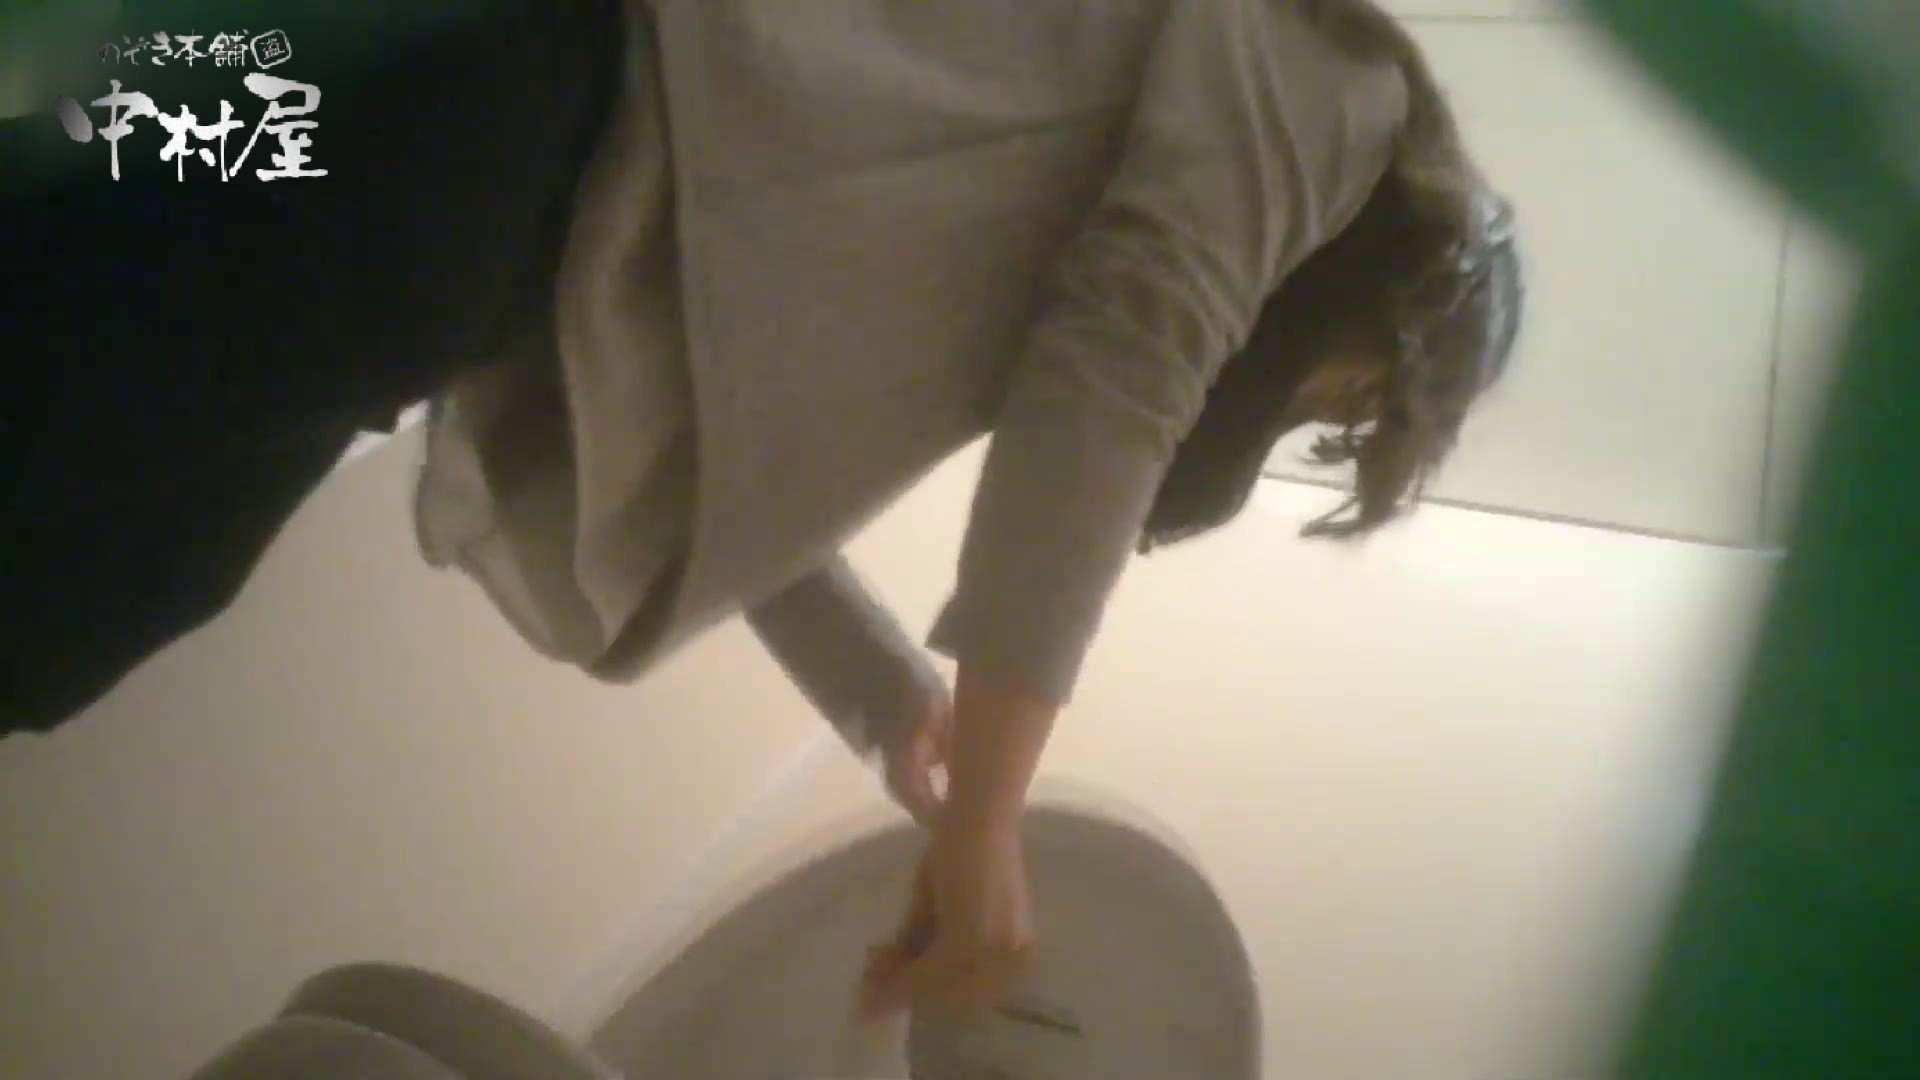 有名大学女性洗面所 vol.54 設置撮影最高峰!! 3視点でじっくり観察 和式 | 投稿  99連発 96